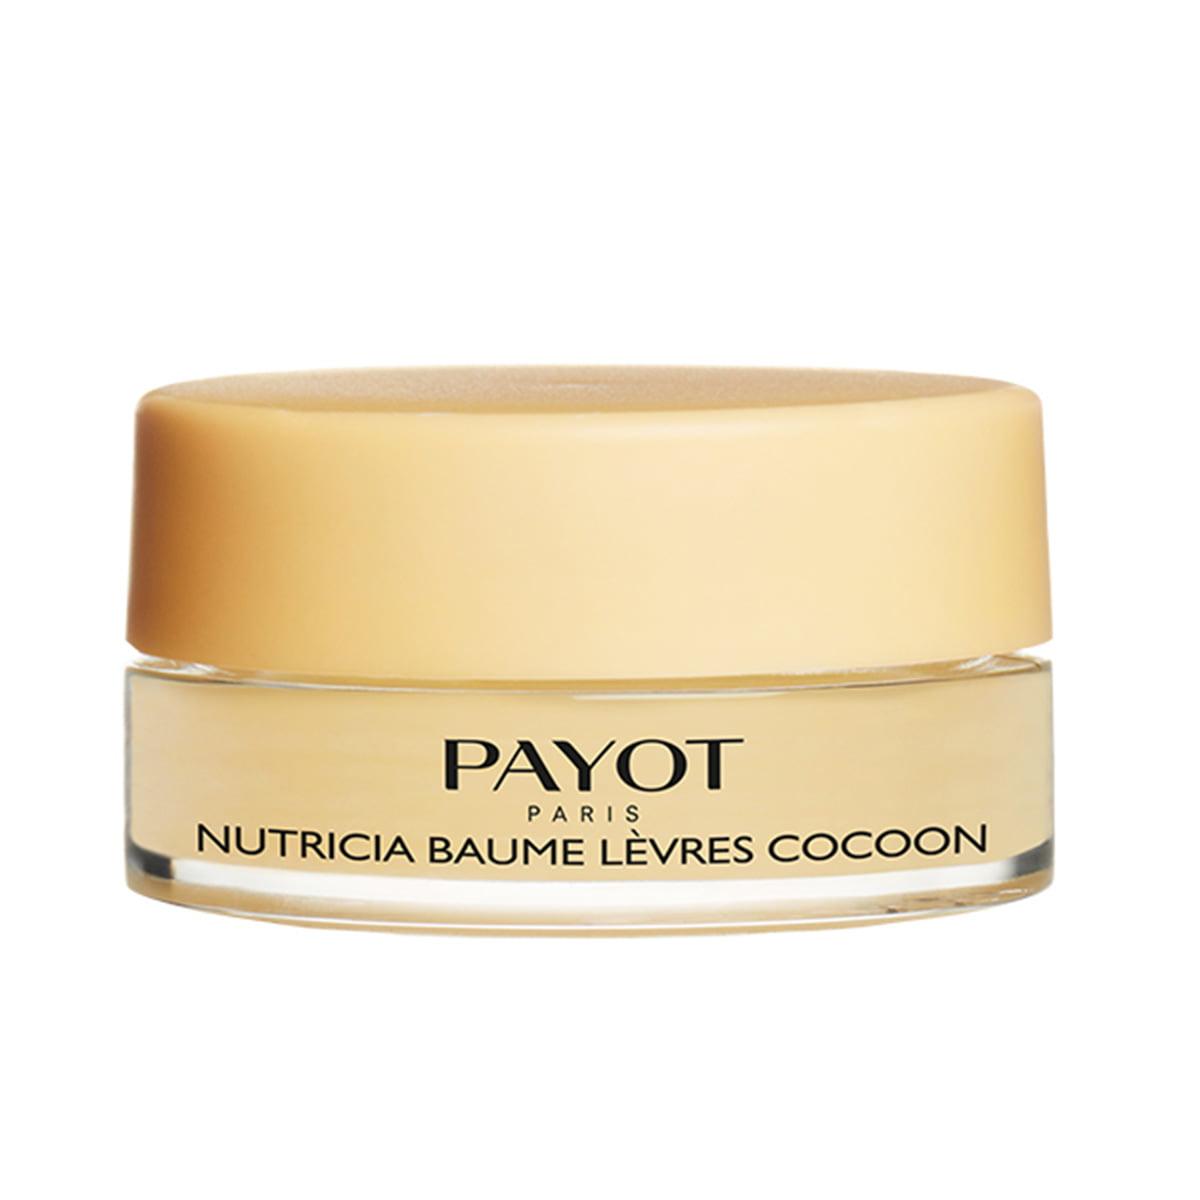 Payot - Nutricia Baume Lèvres Cocoon - Soin nourrissant réconfortant